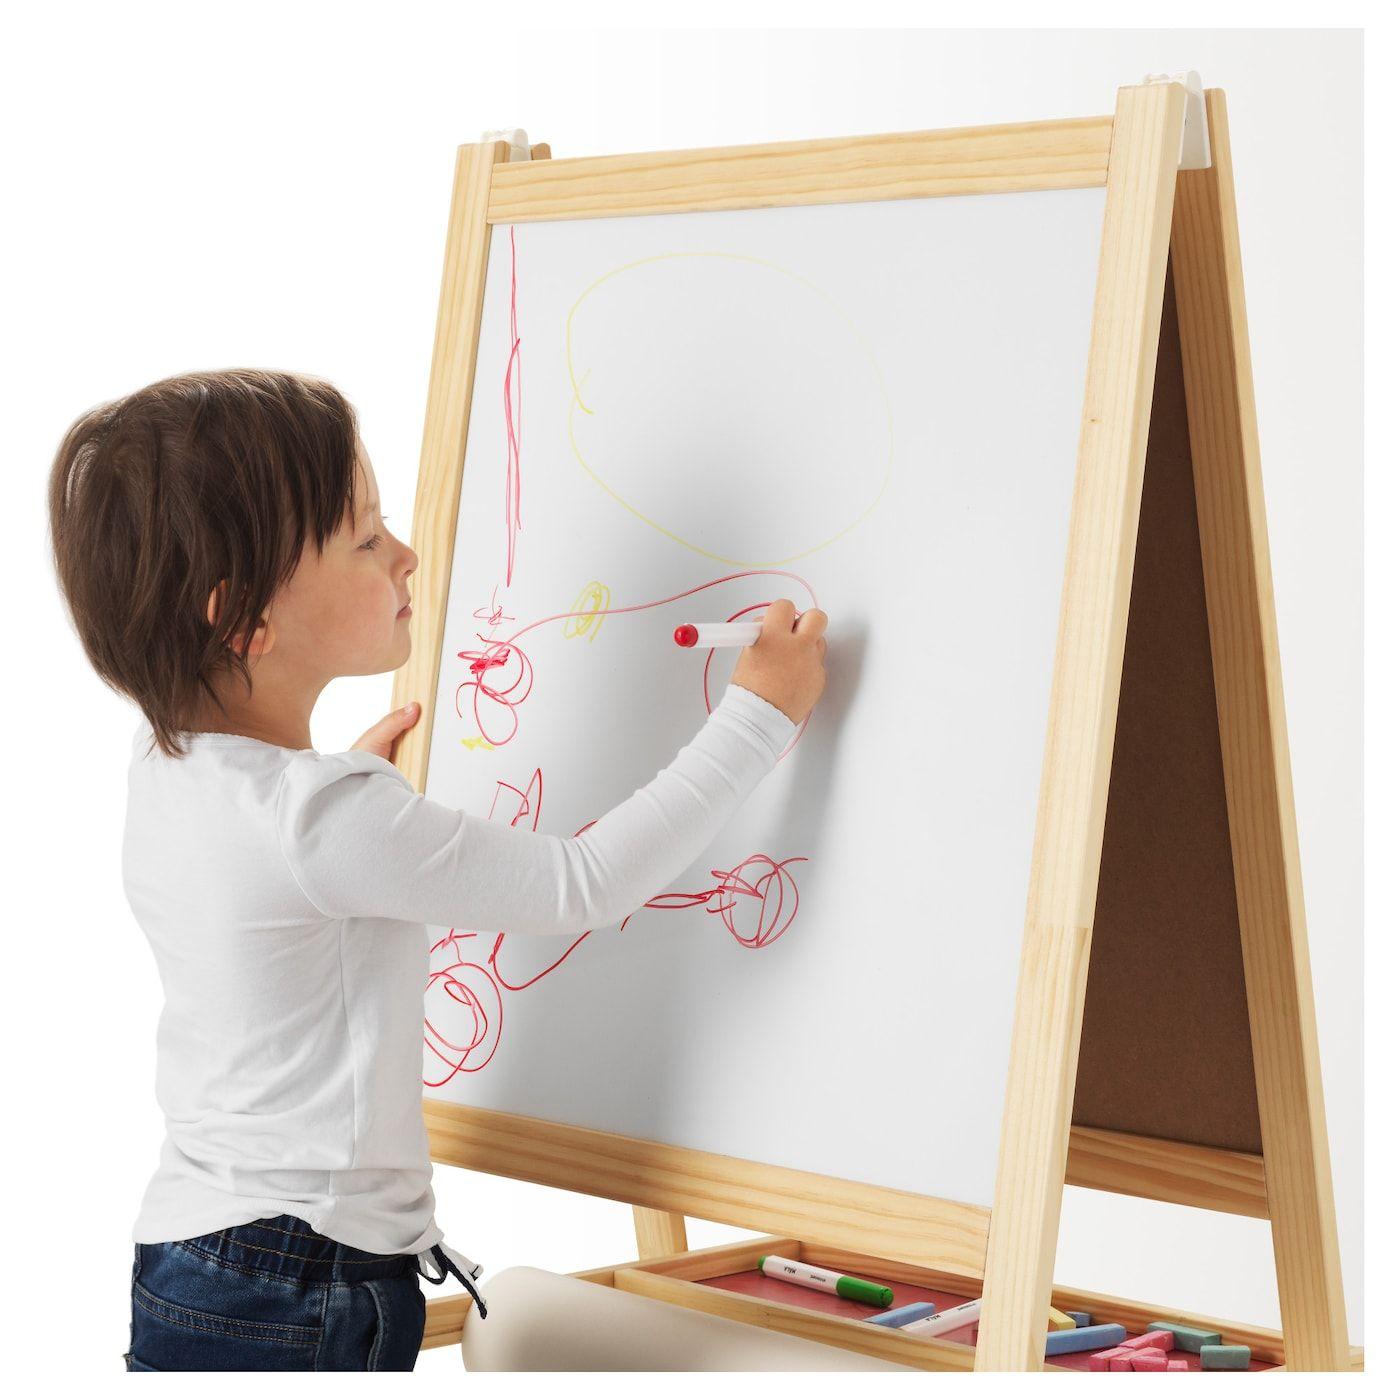 Ikea mala softwood white easel easel ikea whiteboard pens